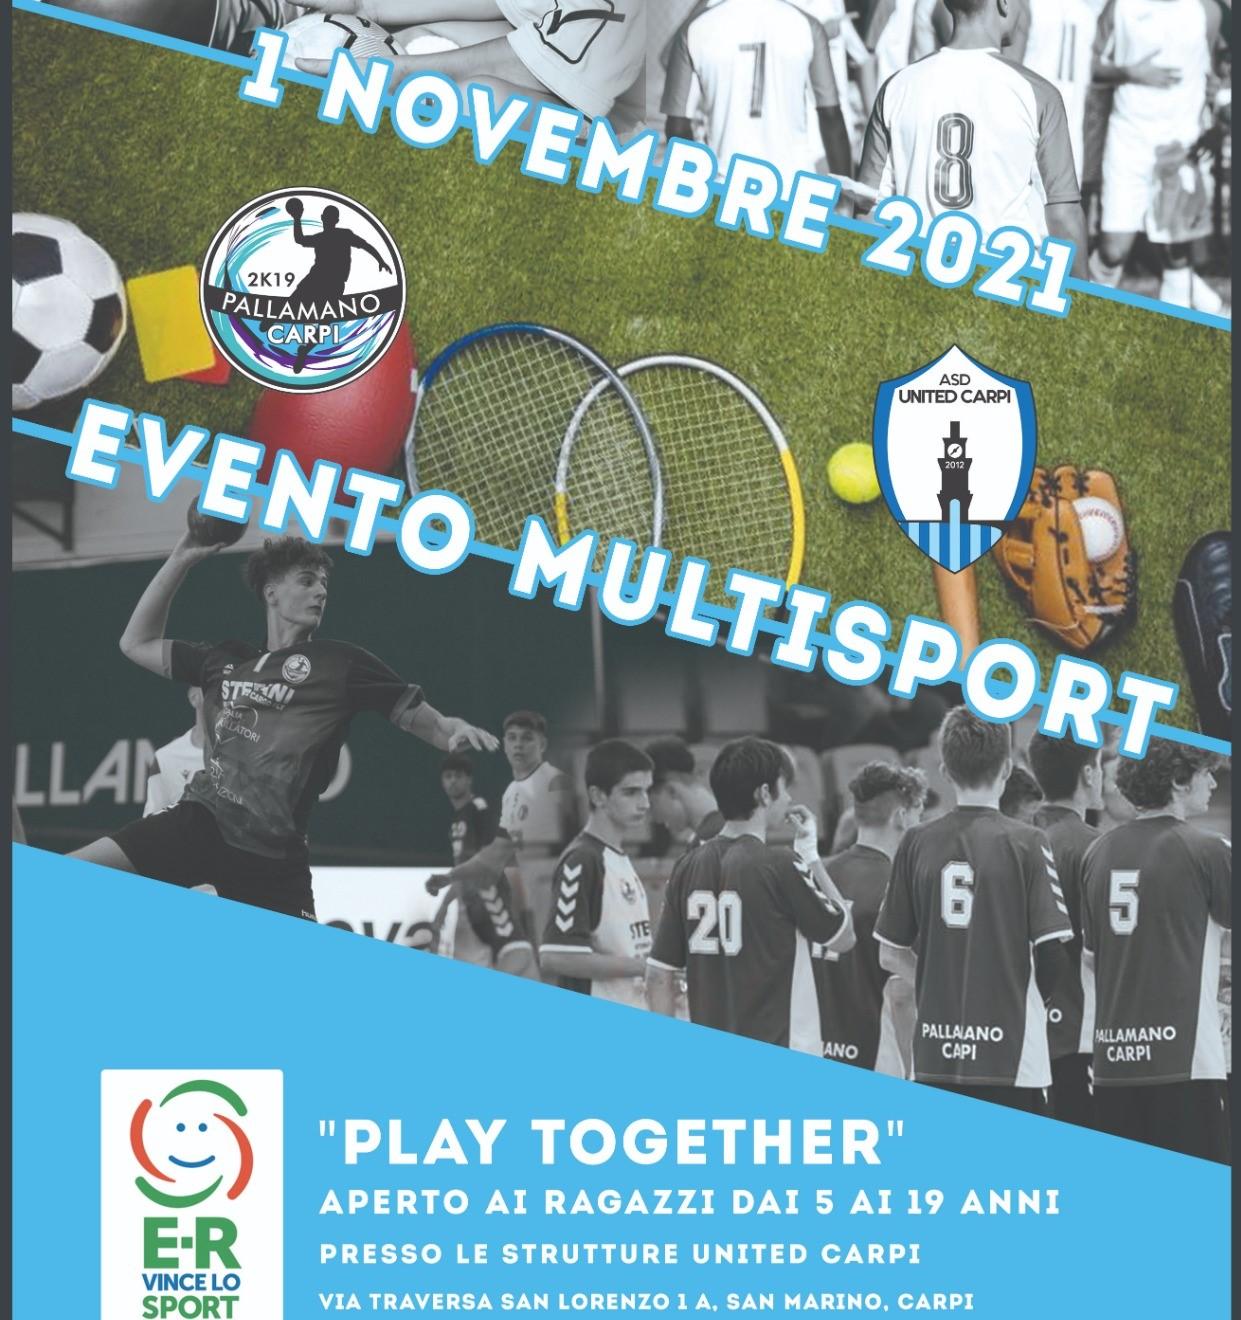 """Pallamano Carpi e United Carpi insieme nell'evento multisport """"Playtogether"""""""